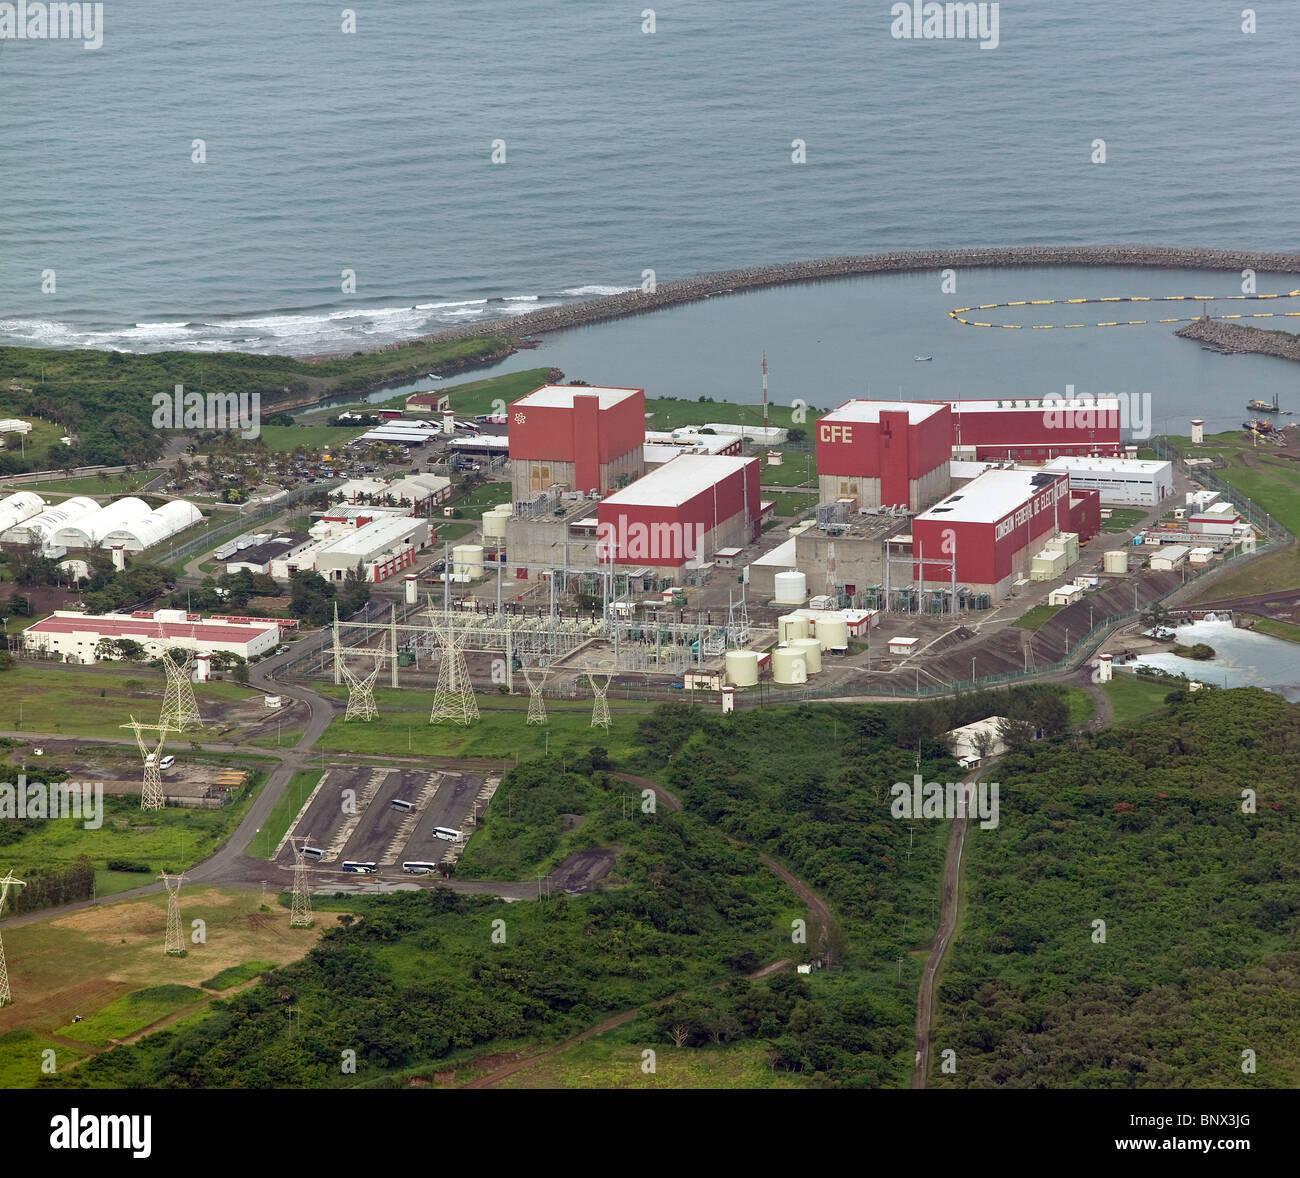 Luftaufnahme über Kommission Federal de Electricidad Strom Kraftwerk Golfküste Mexiko Stockbild